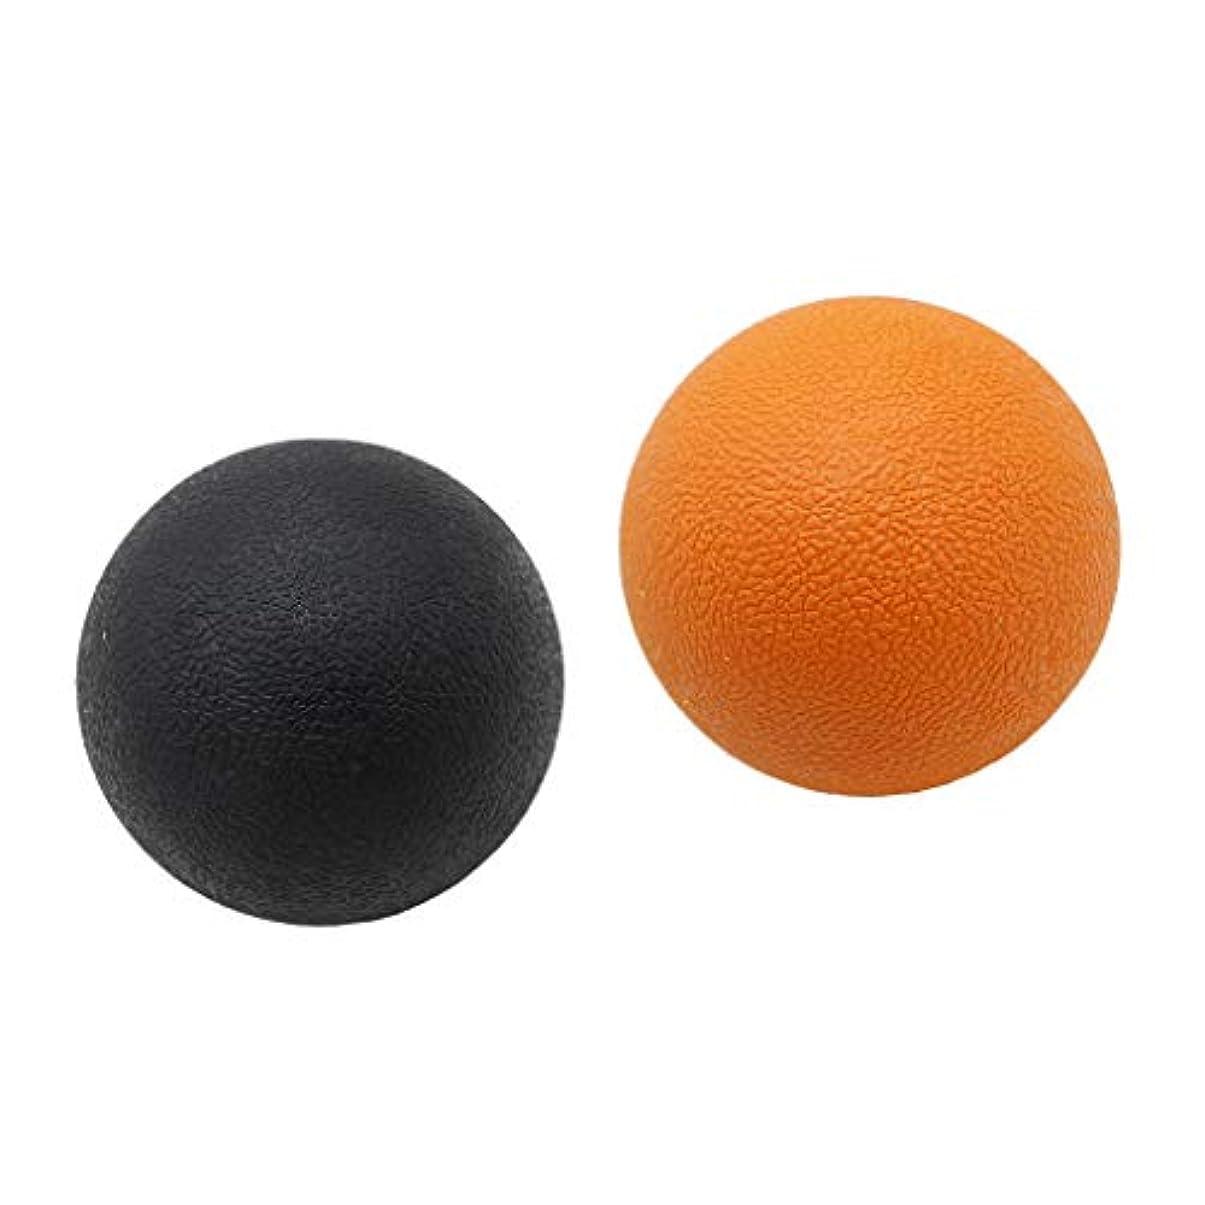 形成叱る非アクティブマッサージボール トリガーポイント ストレッチボール トレーニング 背中 肩 腰 マッサージ 多色選べる - オレンジブラック